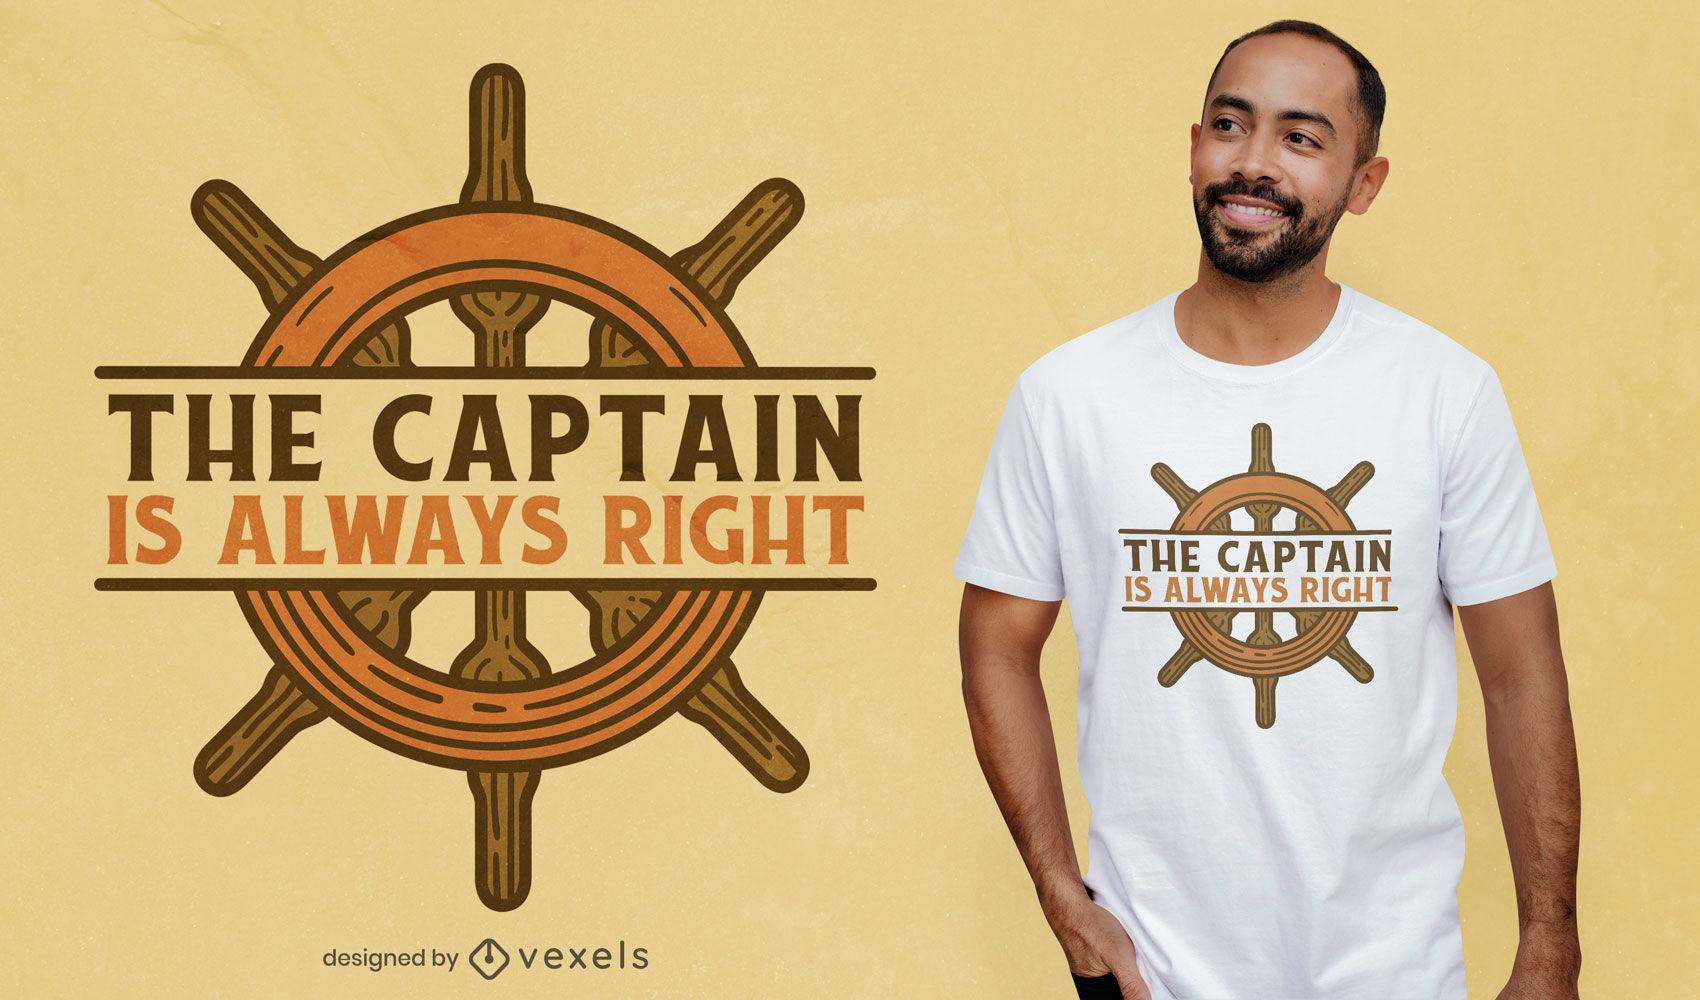 Diseño de camiseta de cita de rueda de capitán barco